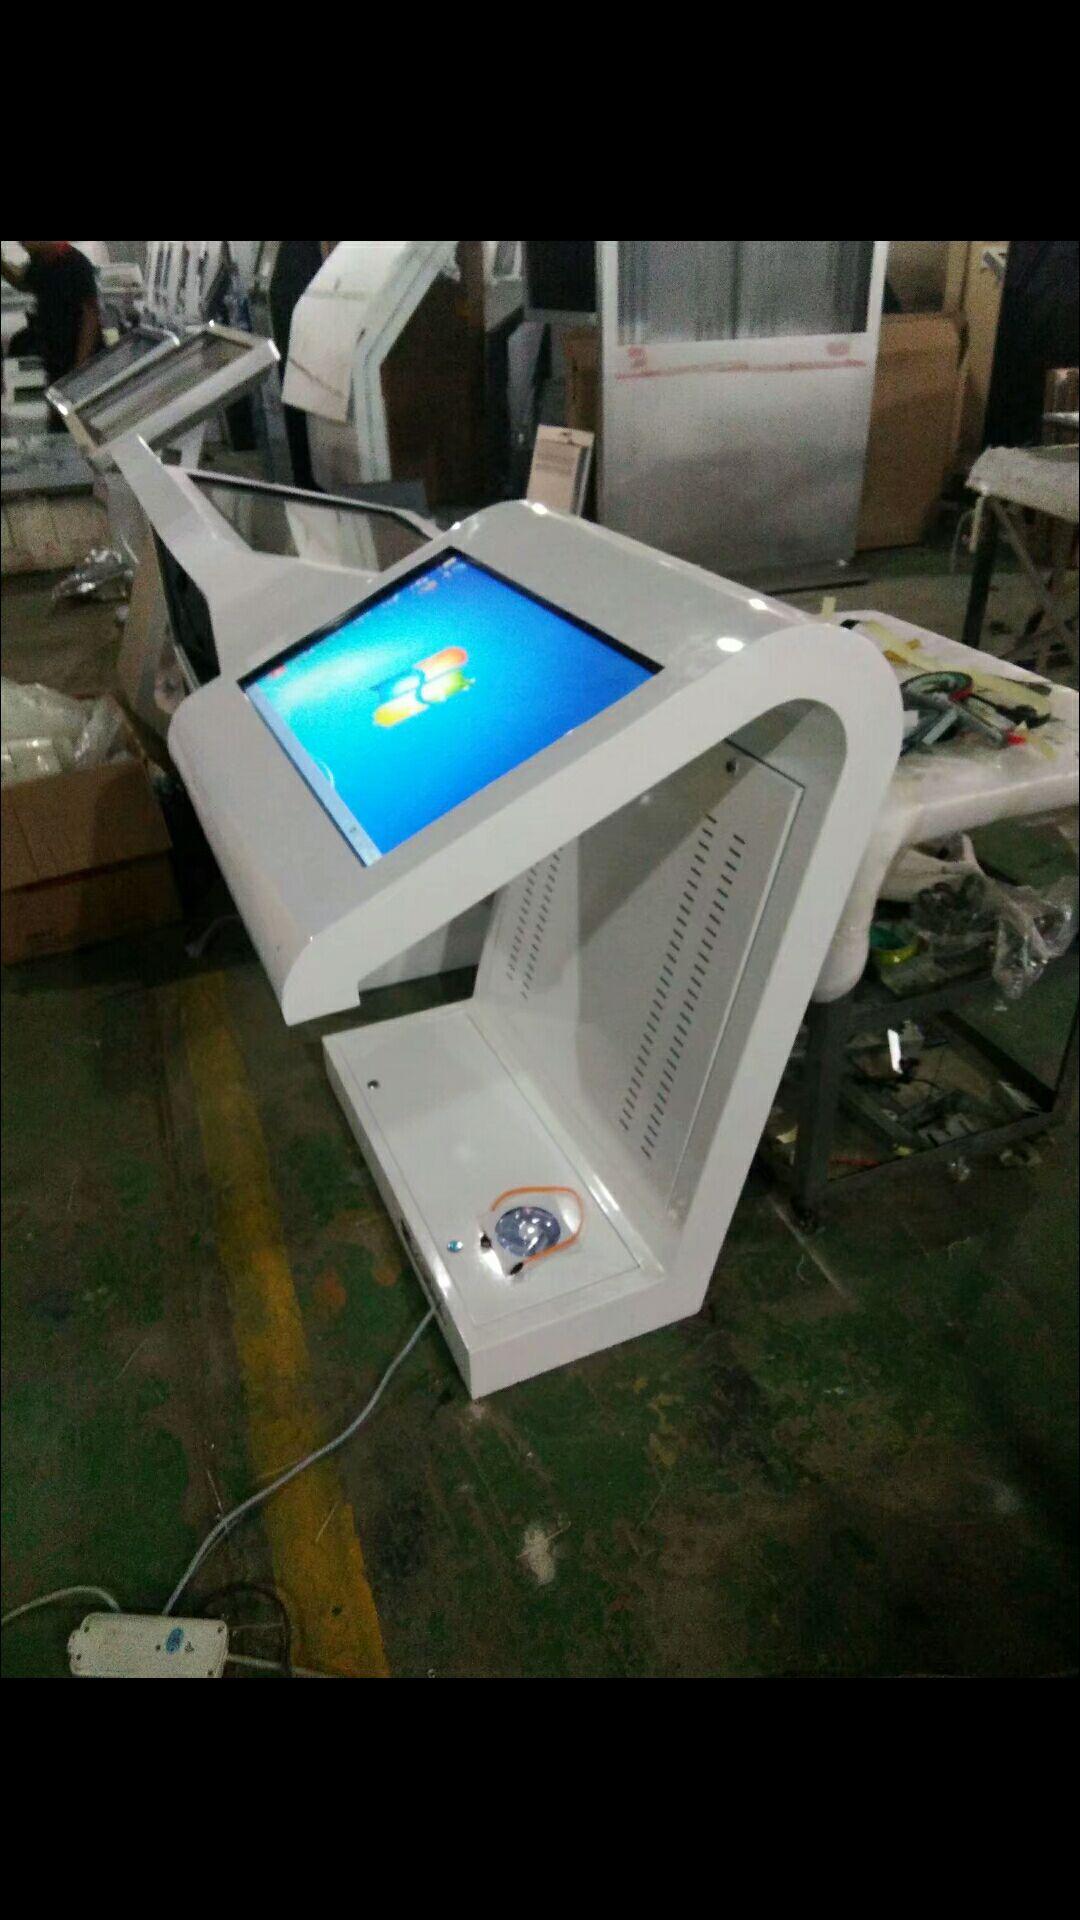 性价比高的上海55触摸屏一体机电脑_优质的55寸触摸屏一体机电脑价钱怎么样